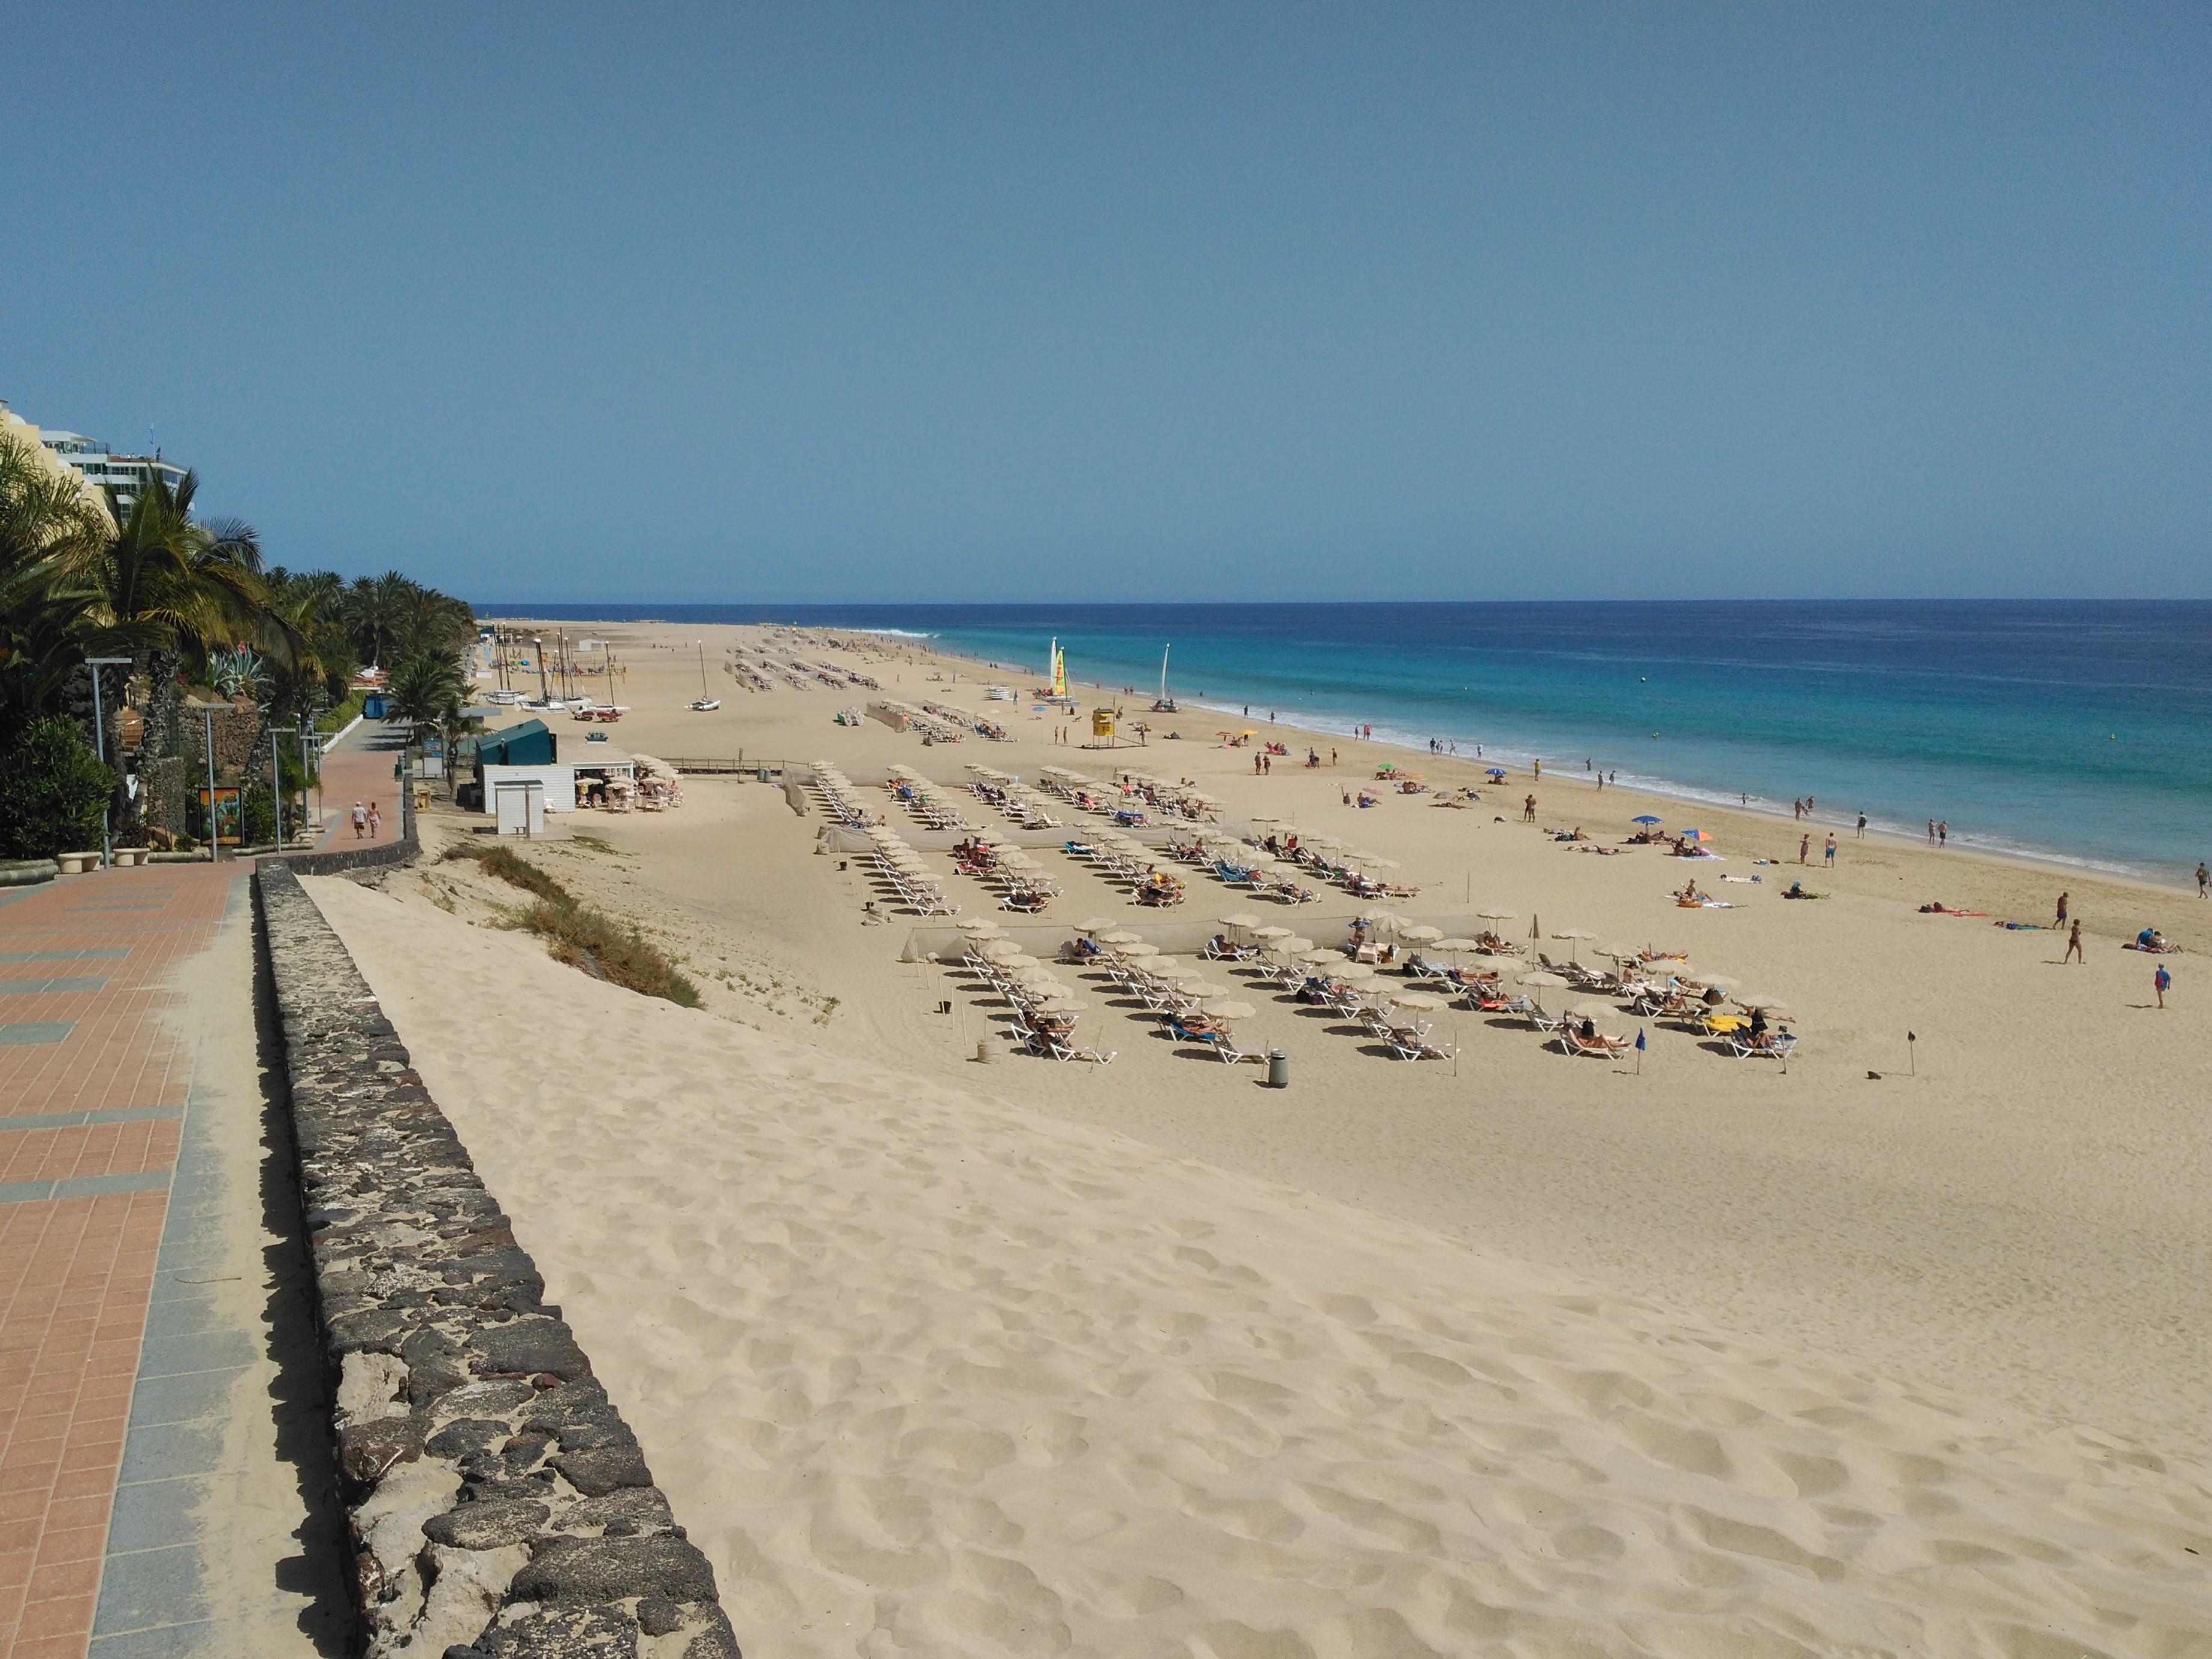 Ferienwohnung Apartment in Strandnhe mit groer Terrasse, Wlan und Parkplatz (2628896), Costa Calma, Fuerteventura, Kanarische Inseln, Spanien, Bild 36